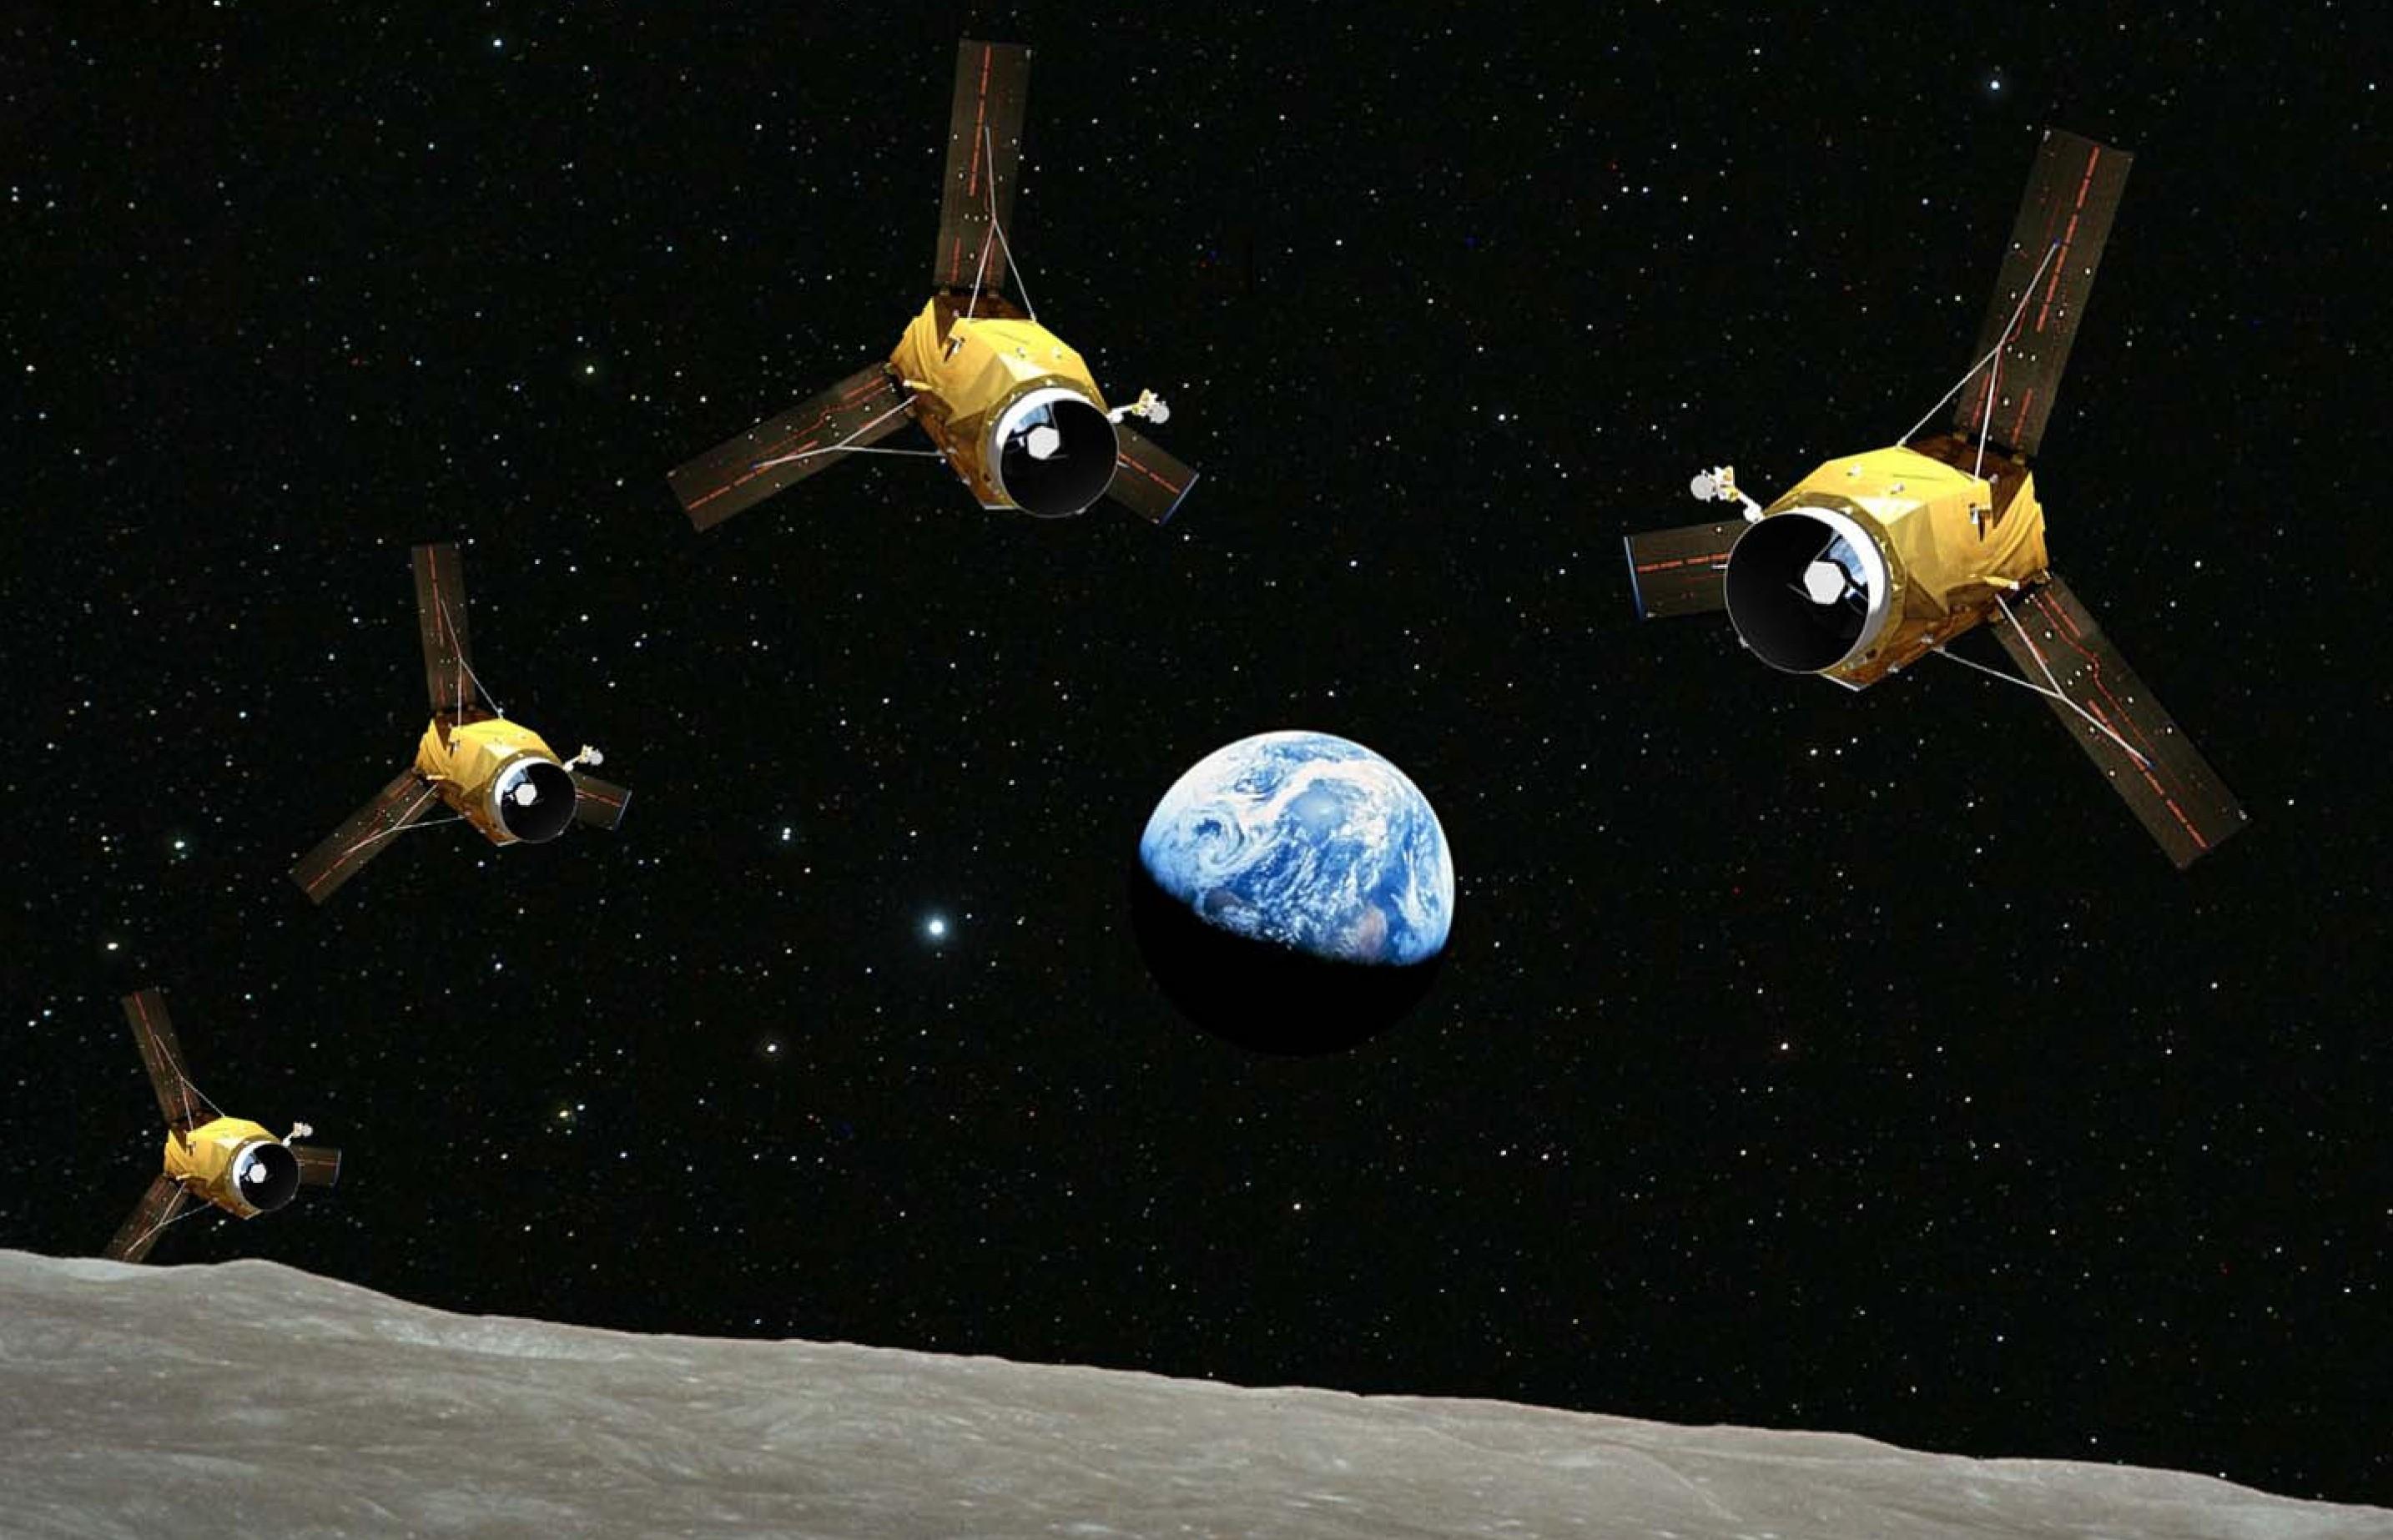 Airbus Defence and Space - Constellation - Très haute résolution - 4 satellite - après Pléiades - post pleiades - THR - VHR - Earth observation - agile - capacity - OneAtlas